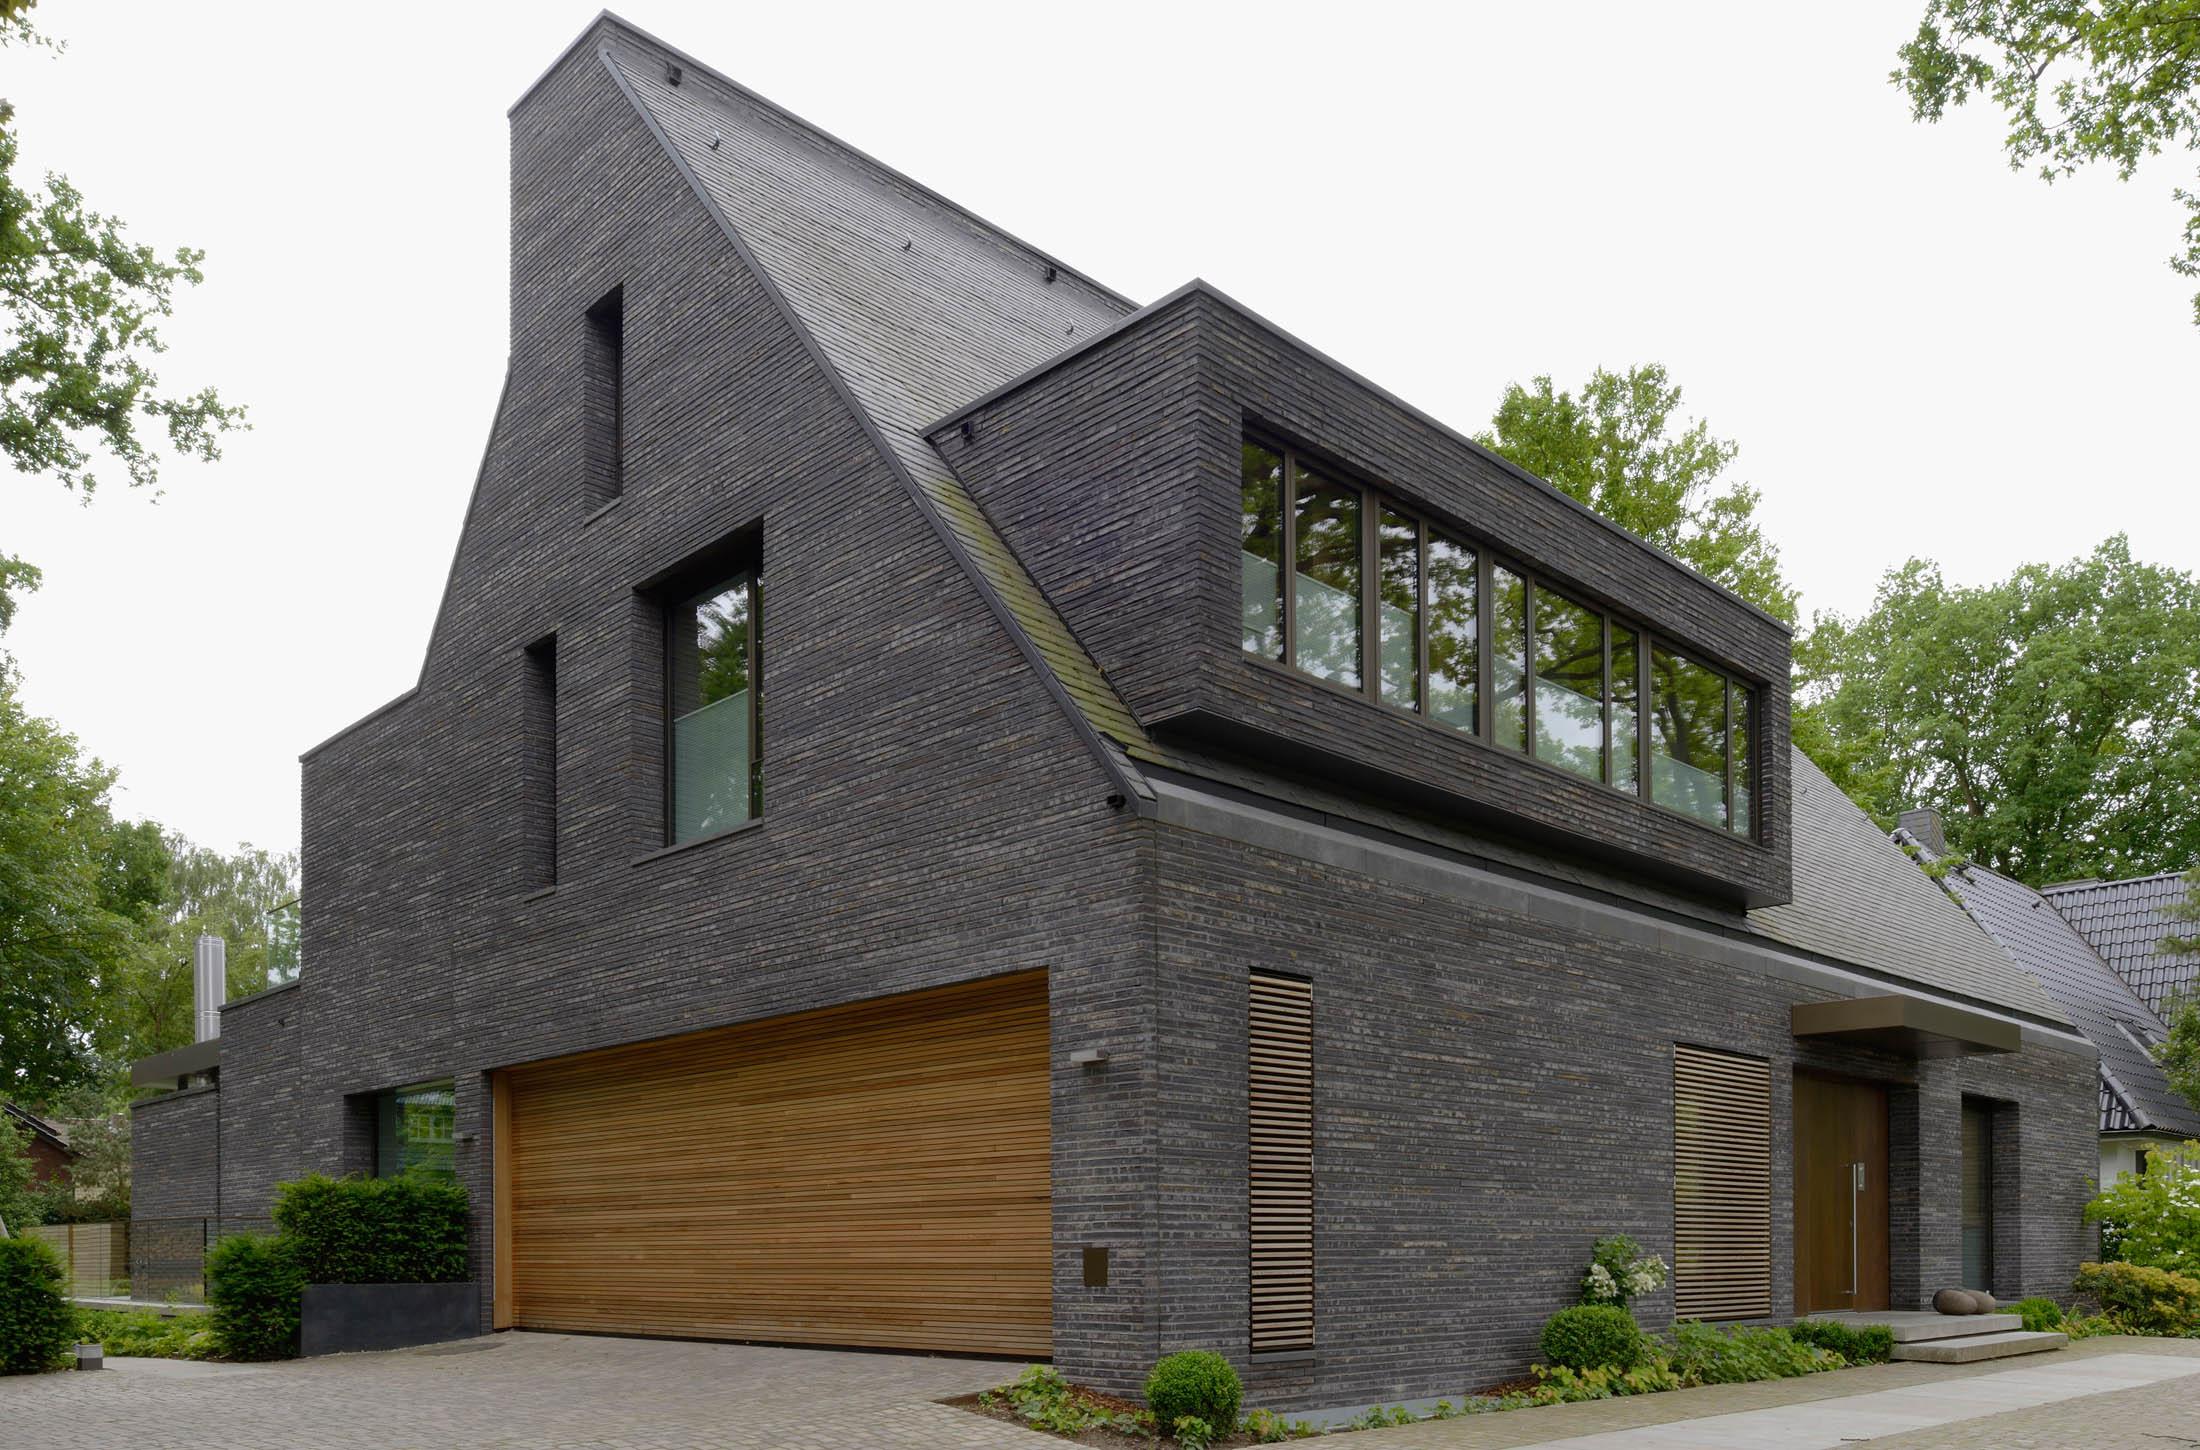 einfamilienhaus othmarschen hamburg dfz architekten. Black Bedroom Furniture Sets. Home Design Ideas